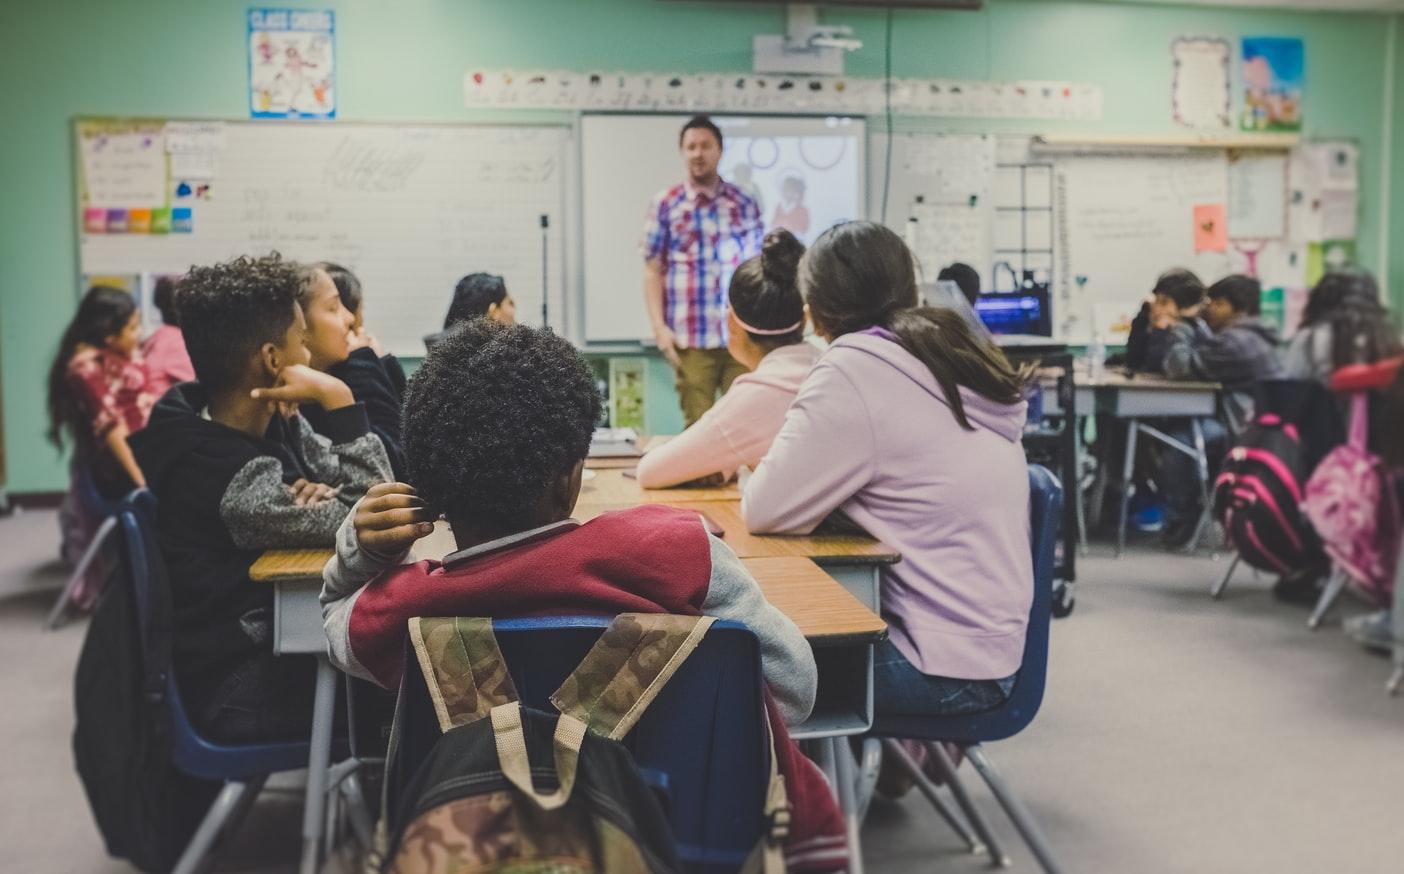 'Cinsel içerikli mesajlaşma' eğitimi, ortaokullarda zorunlu ders olacak